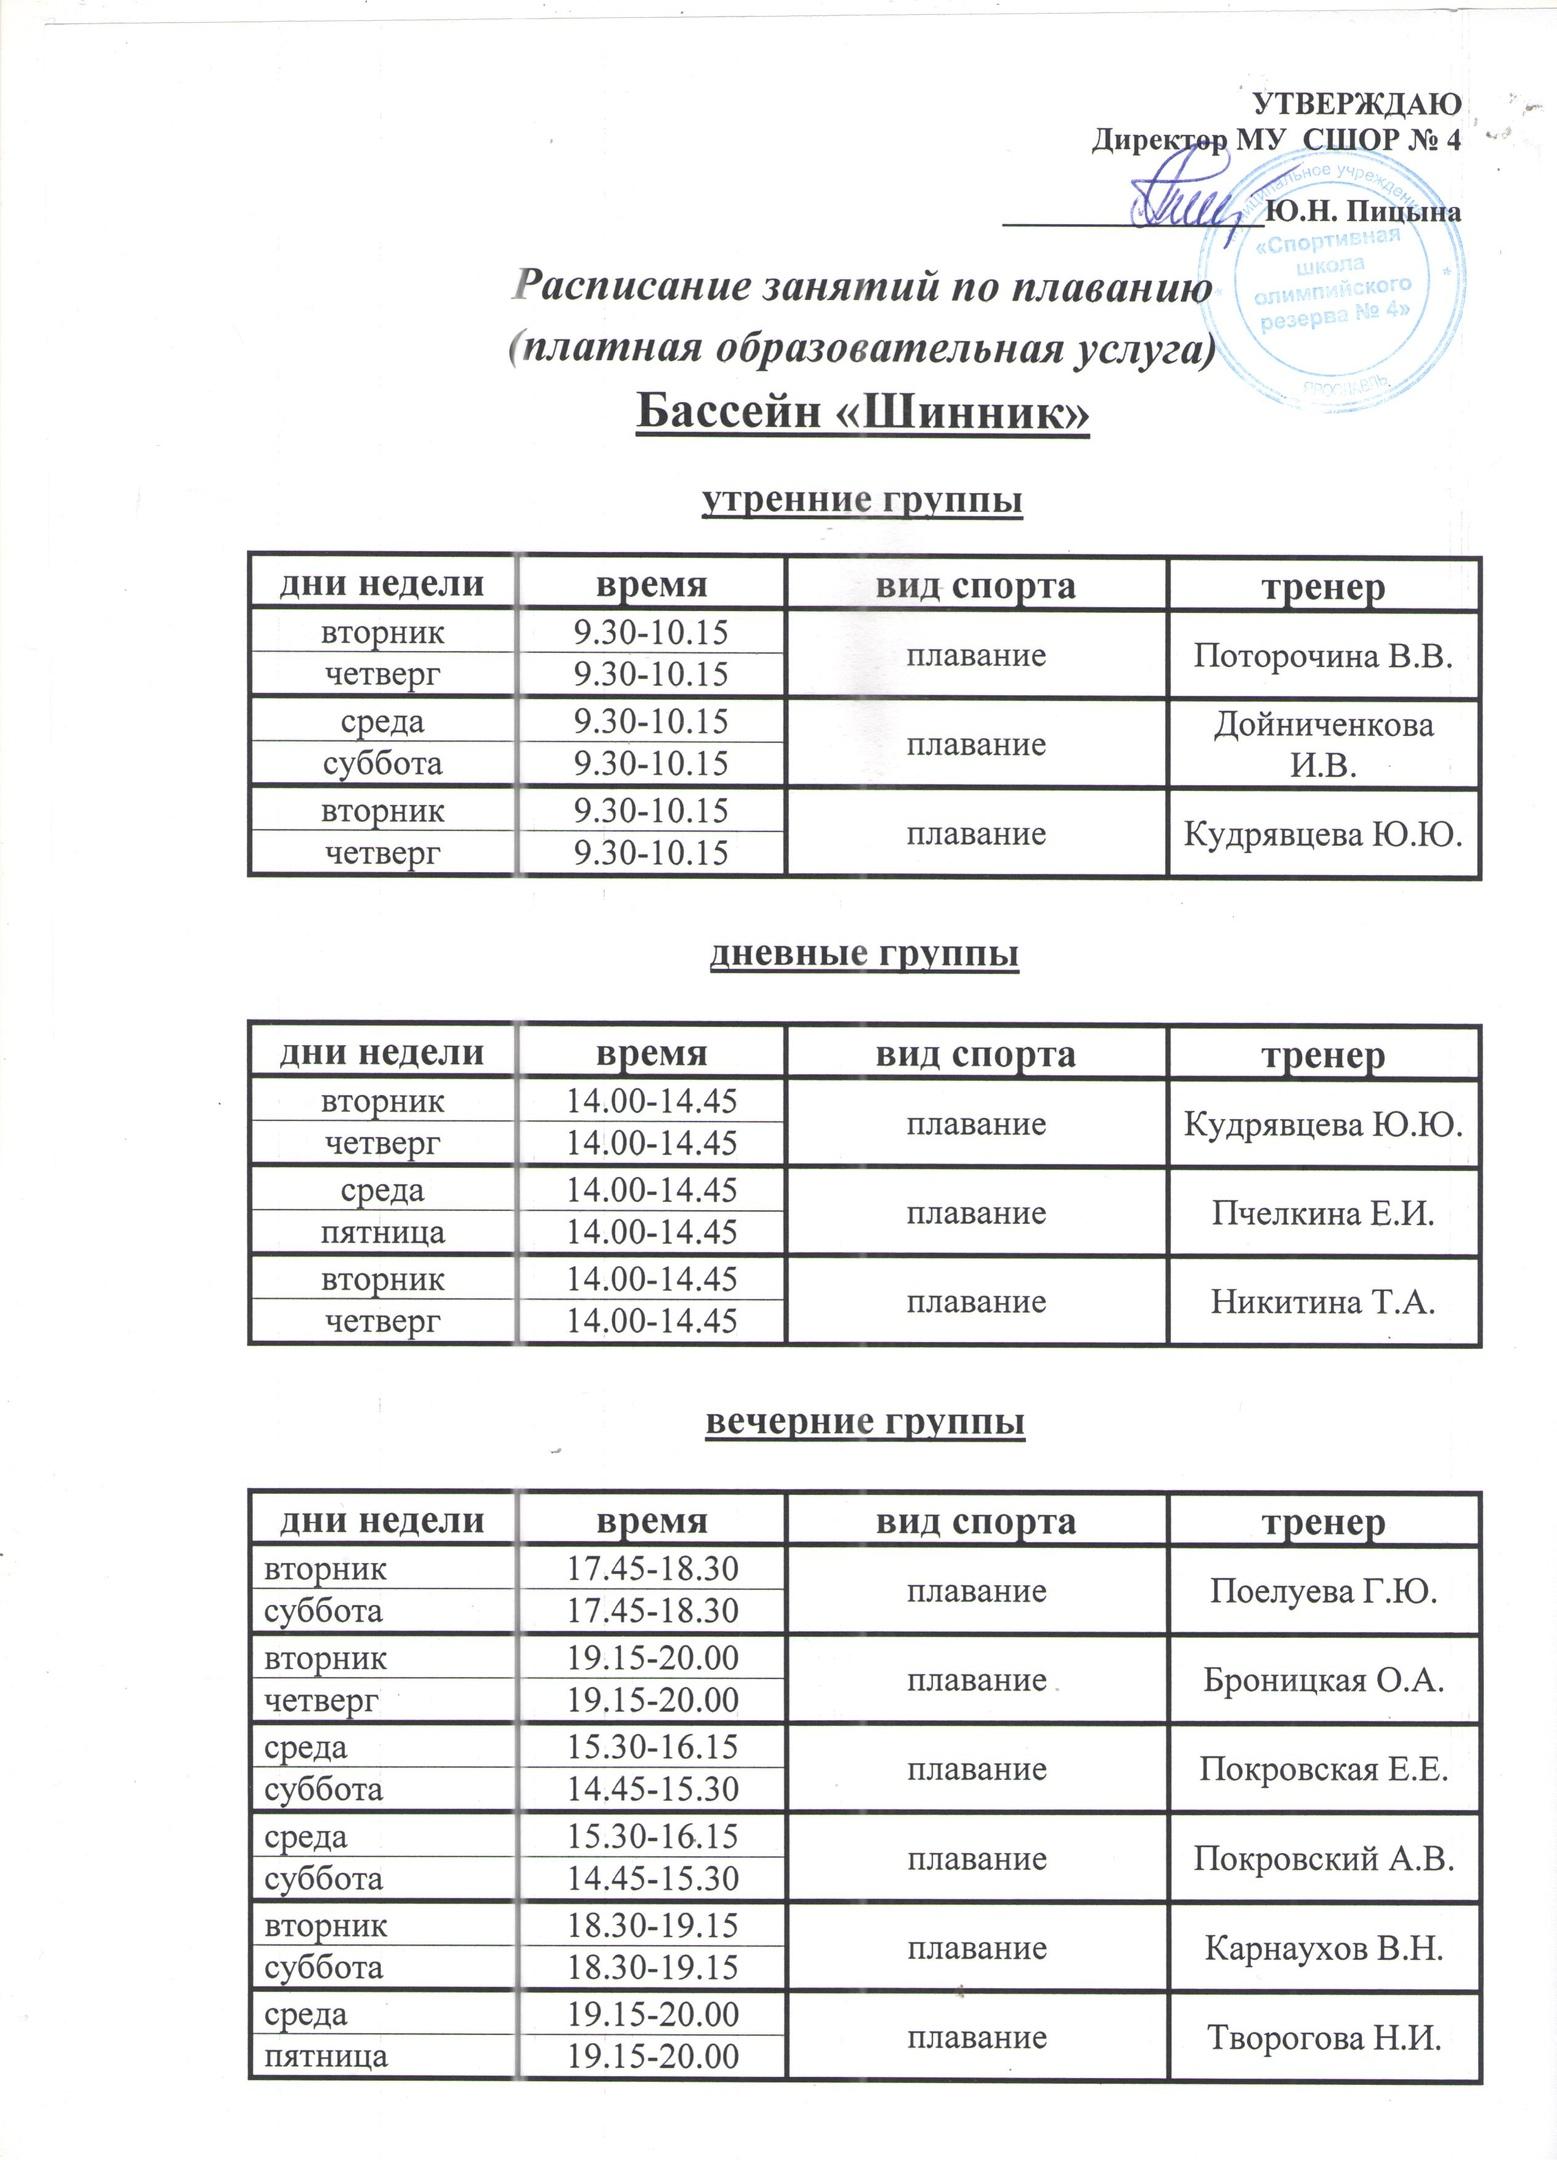 Расписание платных групп Шинник